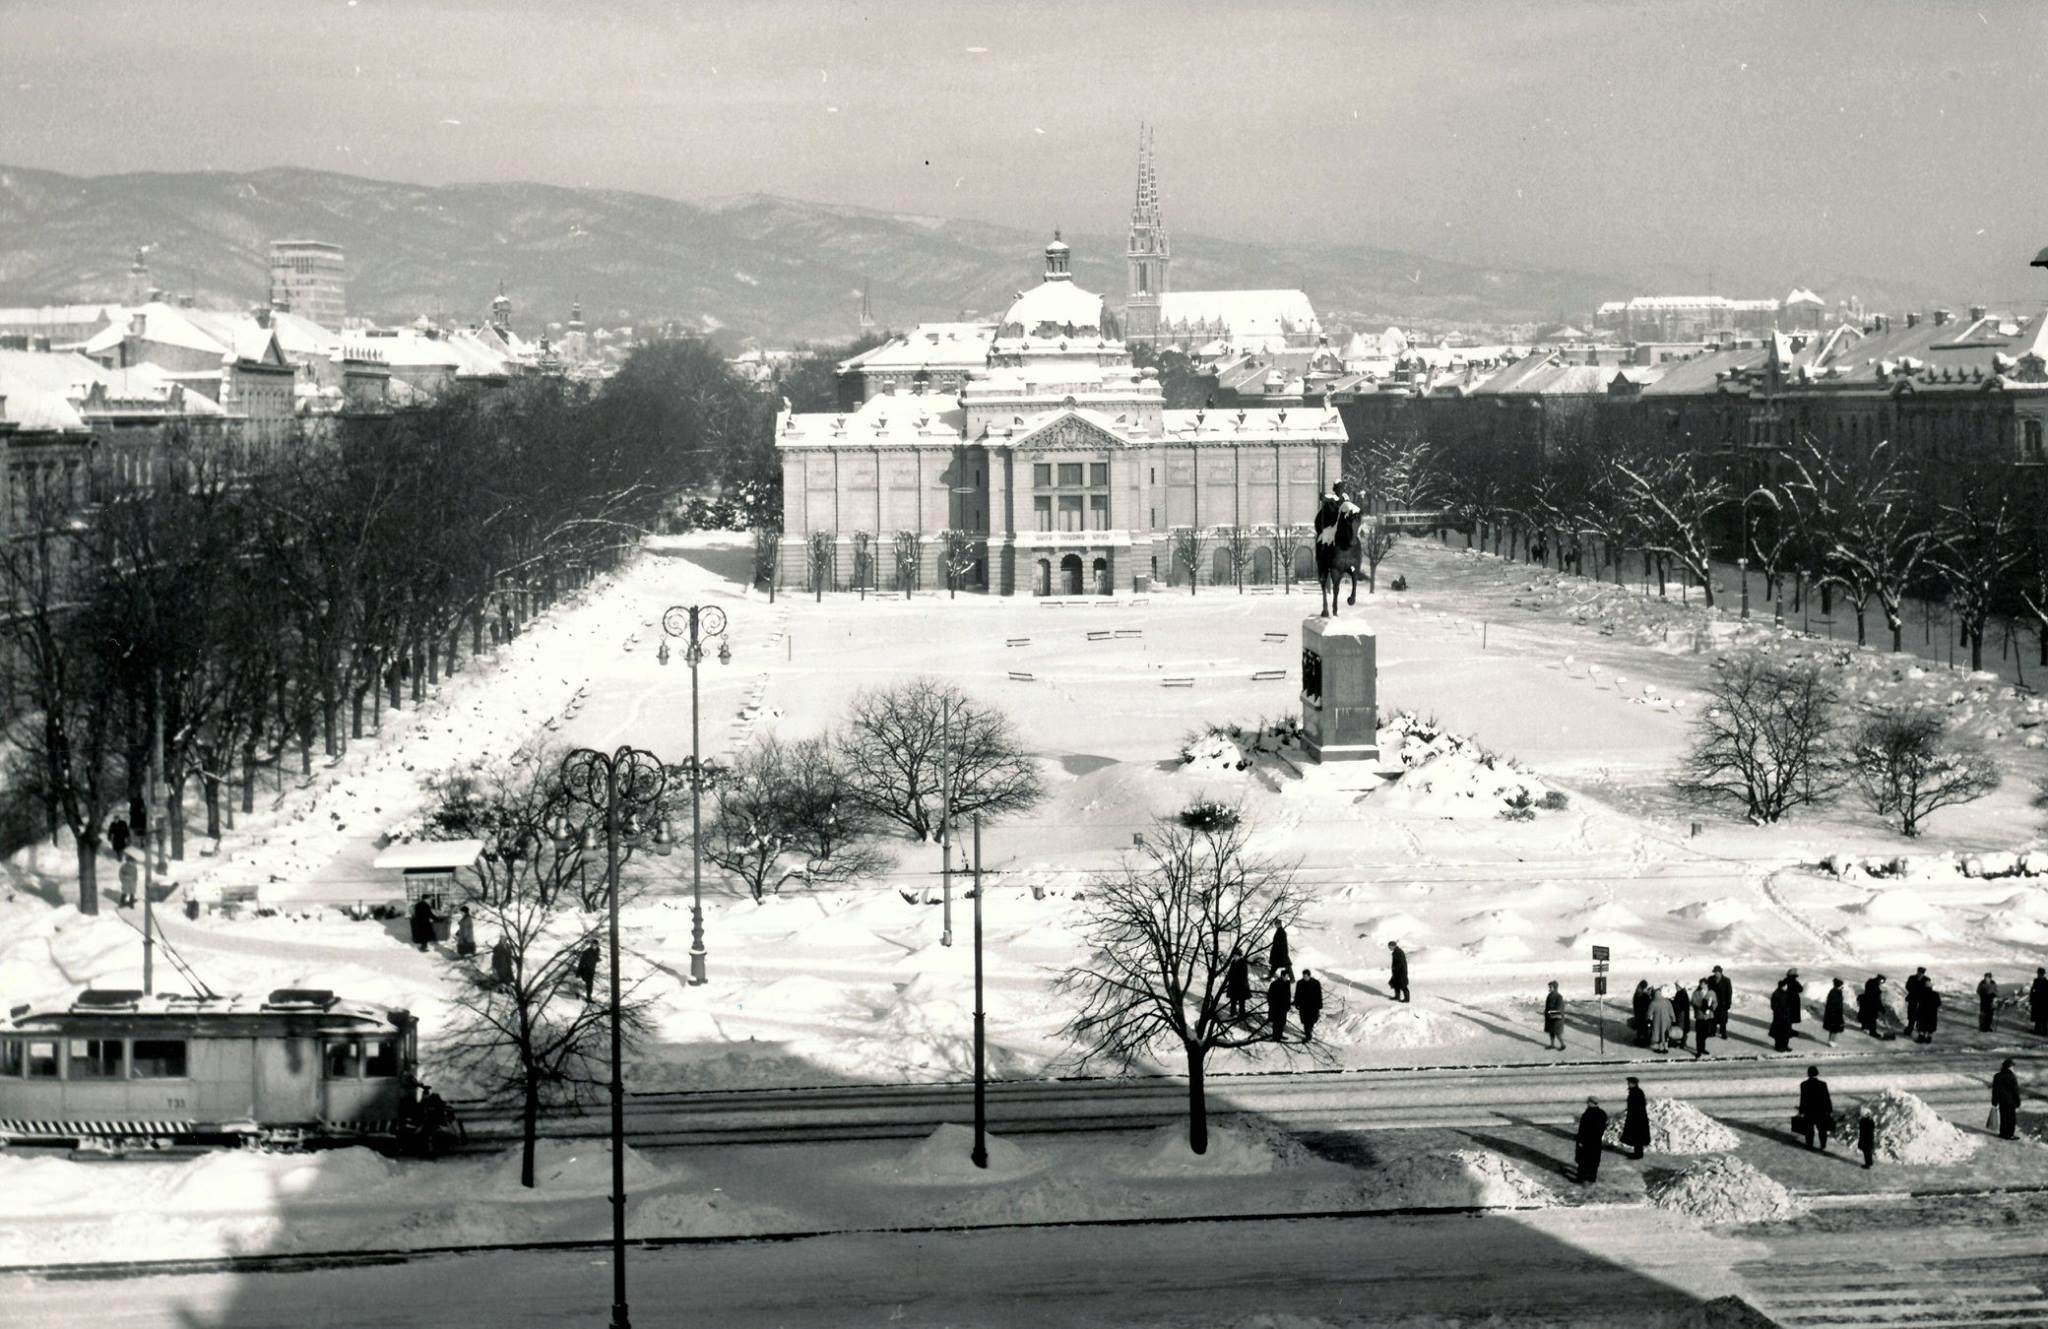 Trg kralja Tomislava, 1960. godine